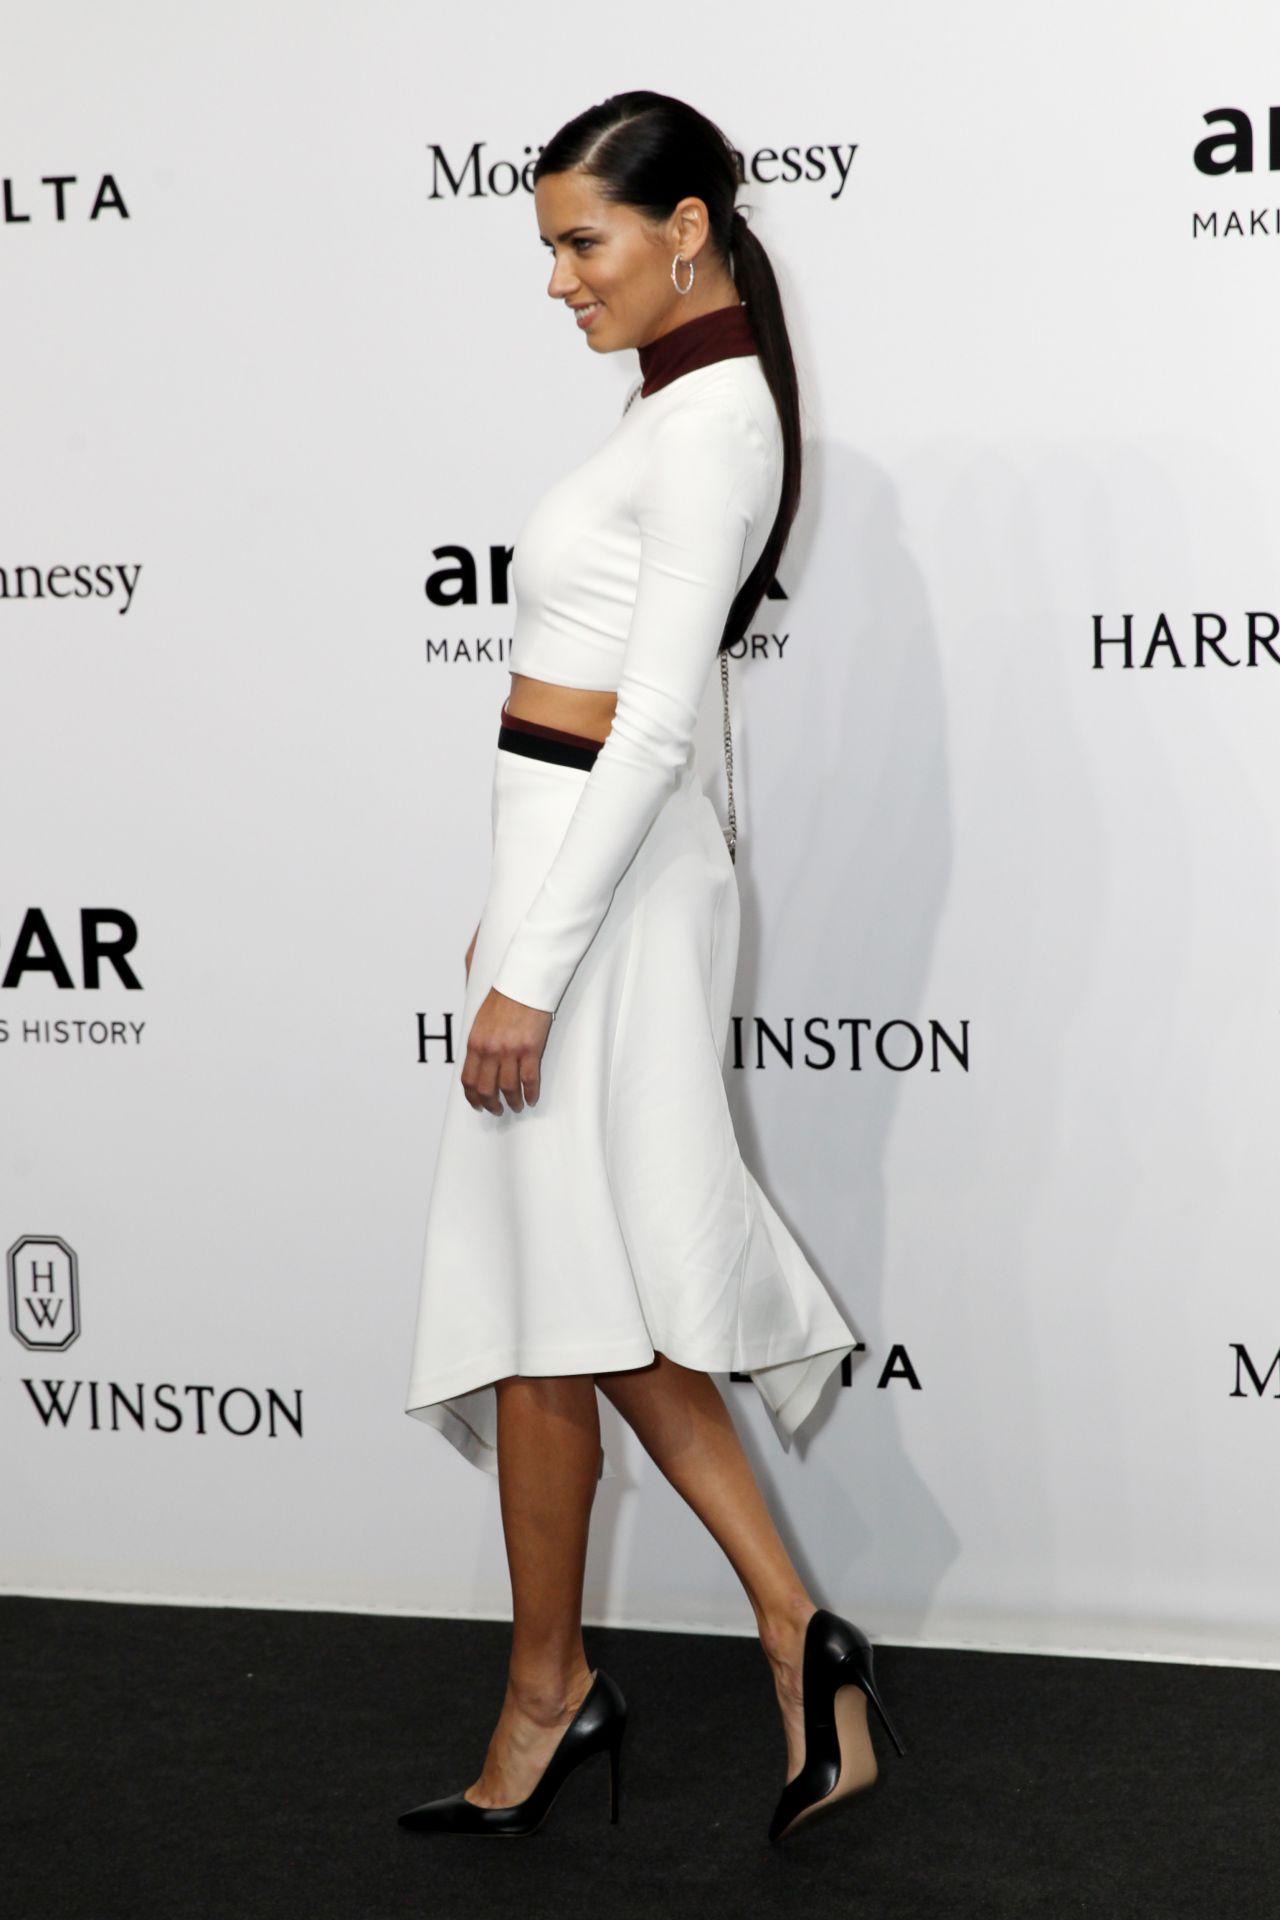 Adriana Lima amFAR Milan September 2017